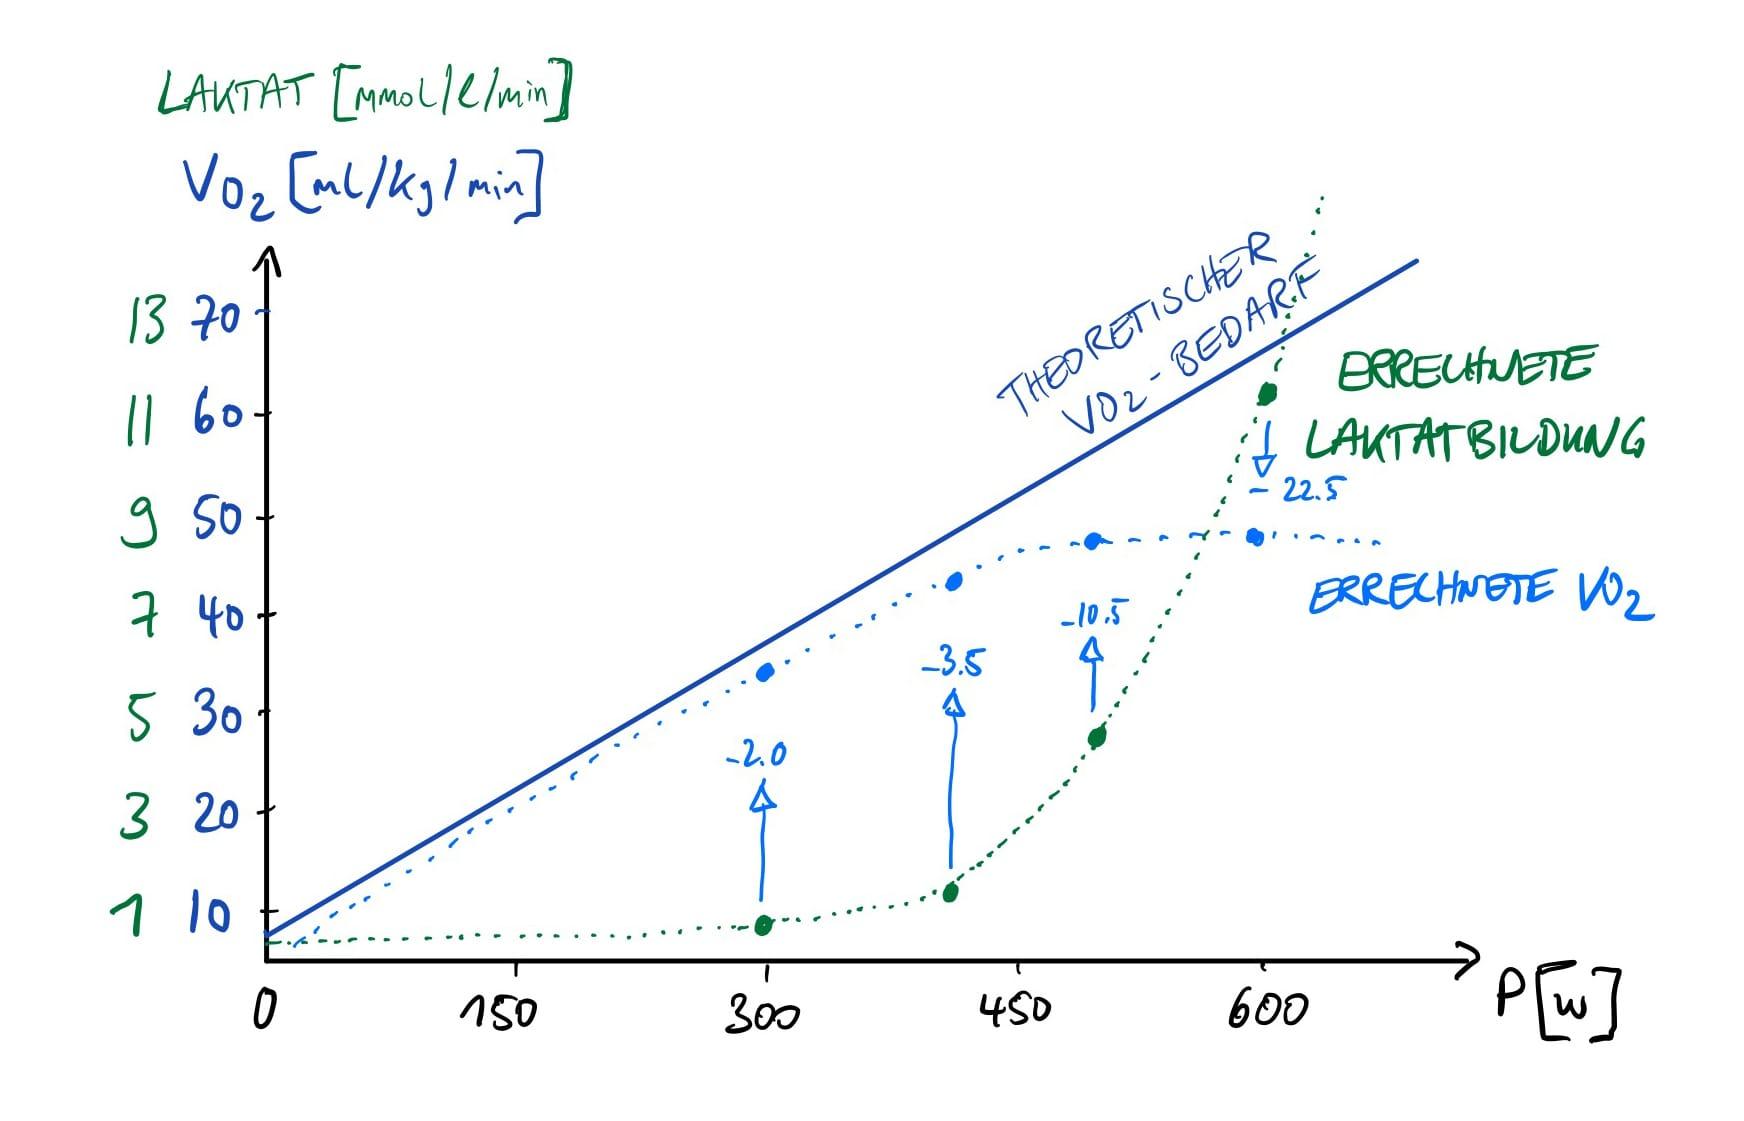 Inscyd Berechnung der Laktatbildungsrate